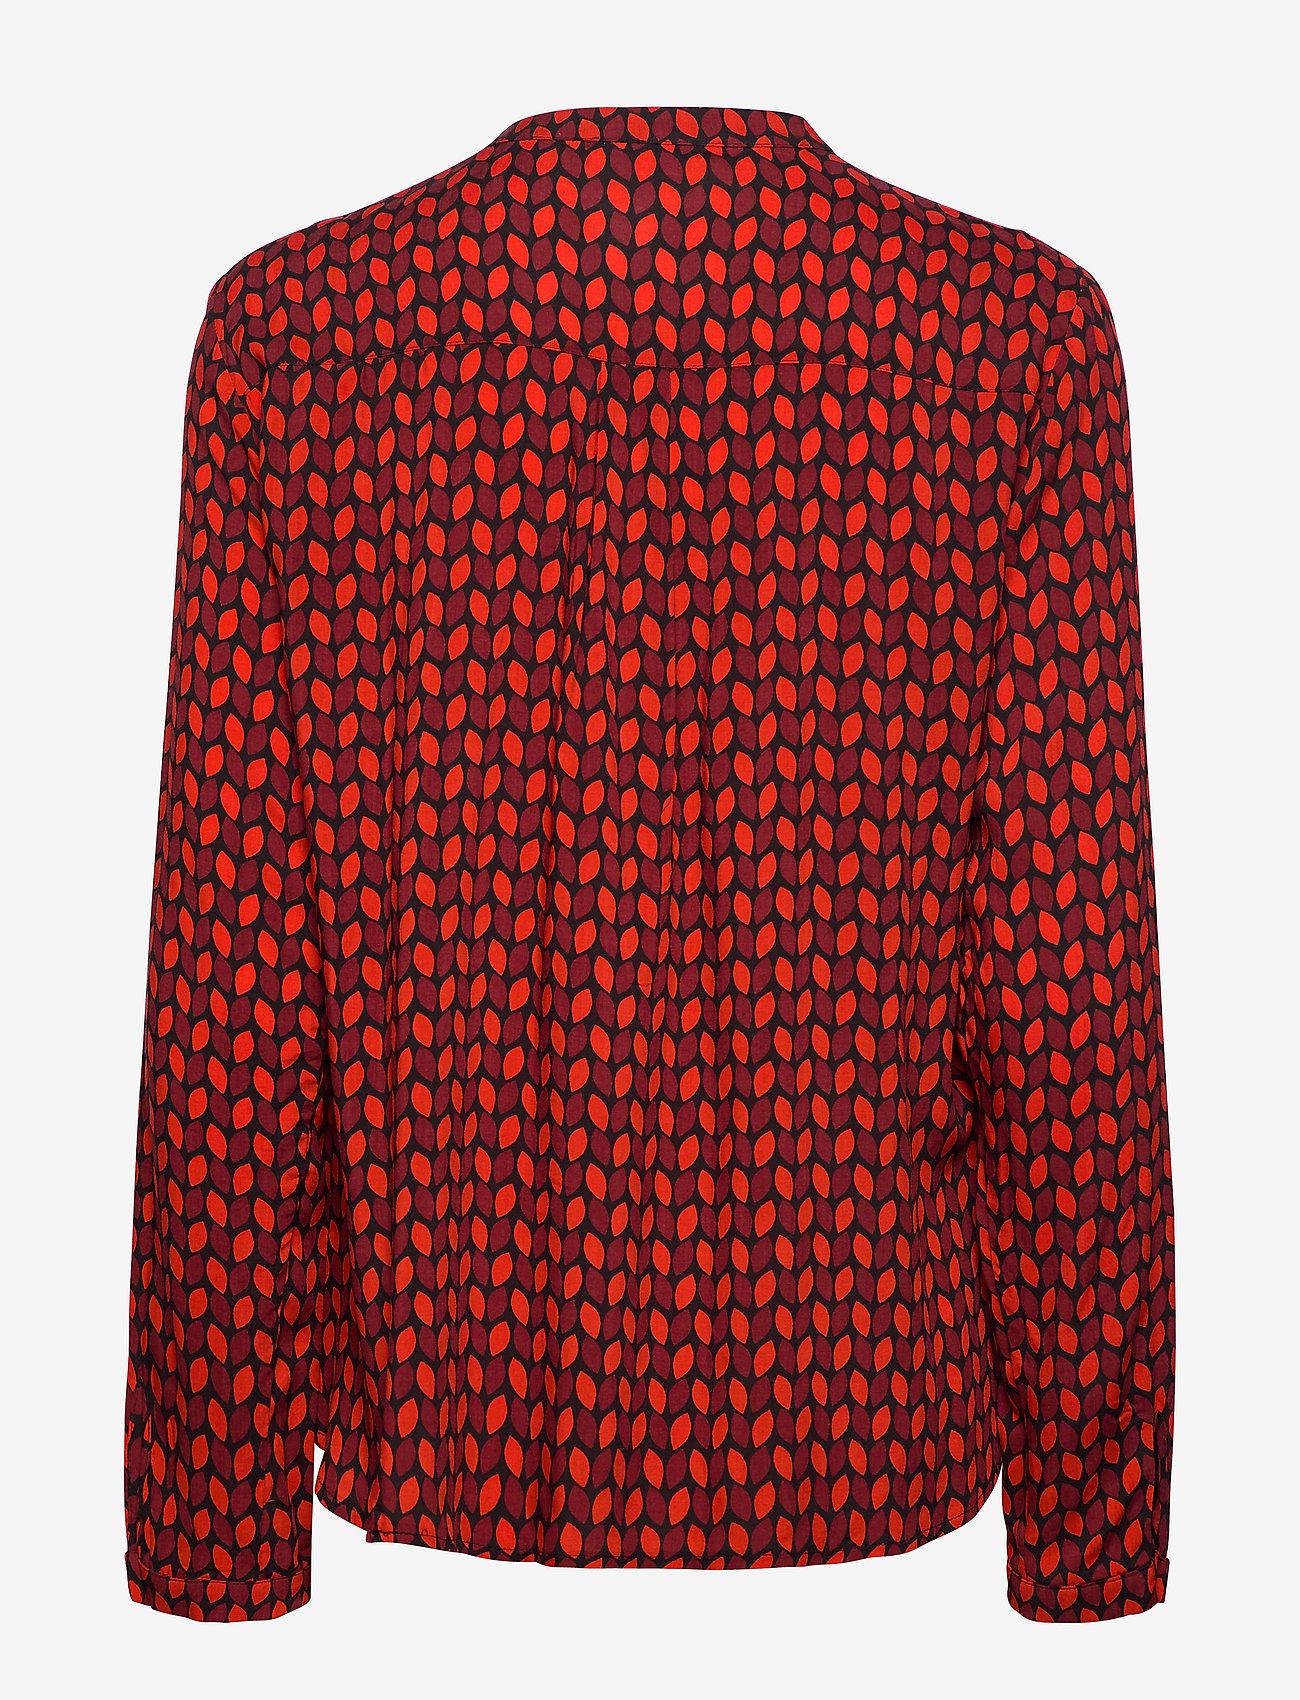 Blouse Long-sleeve (Fiery Red Rubin Print) - Gerry Weber fkaUbd